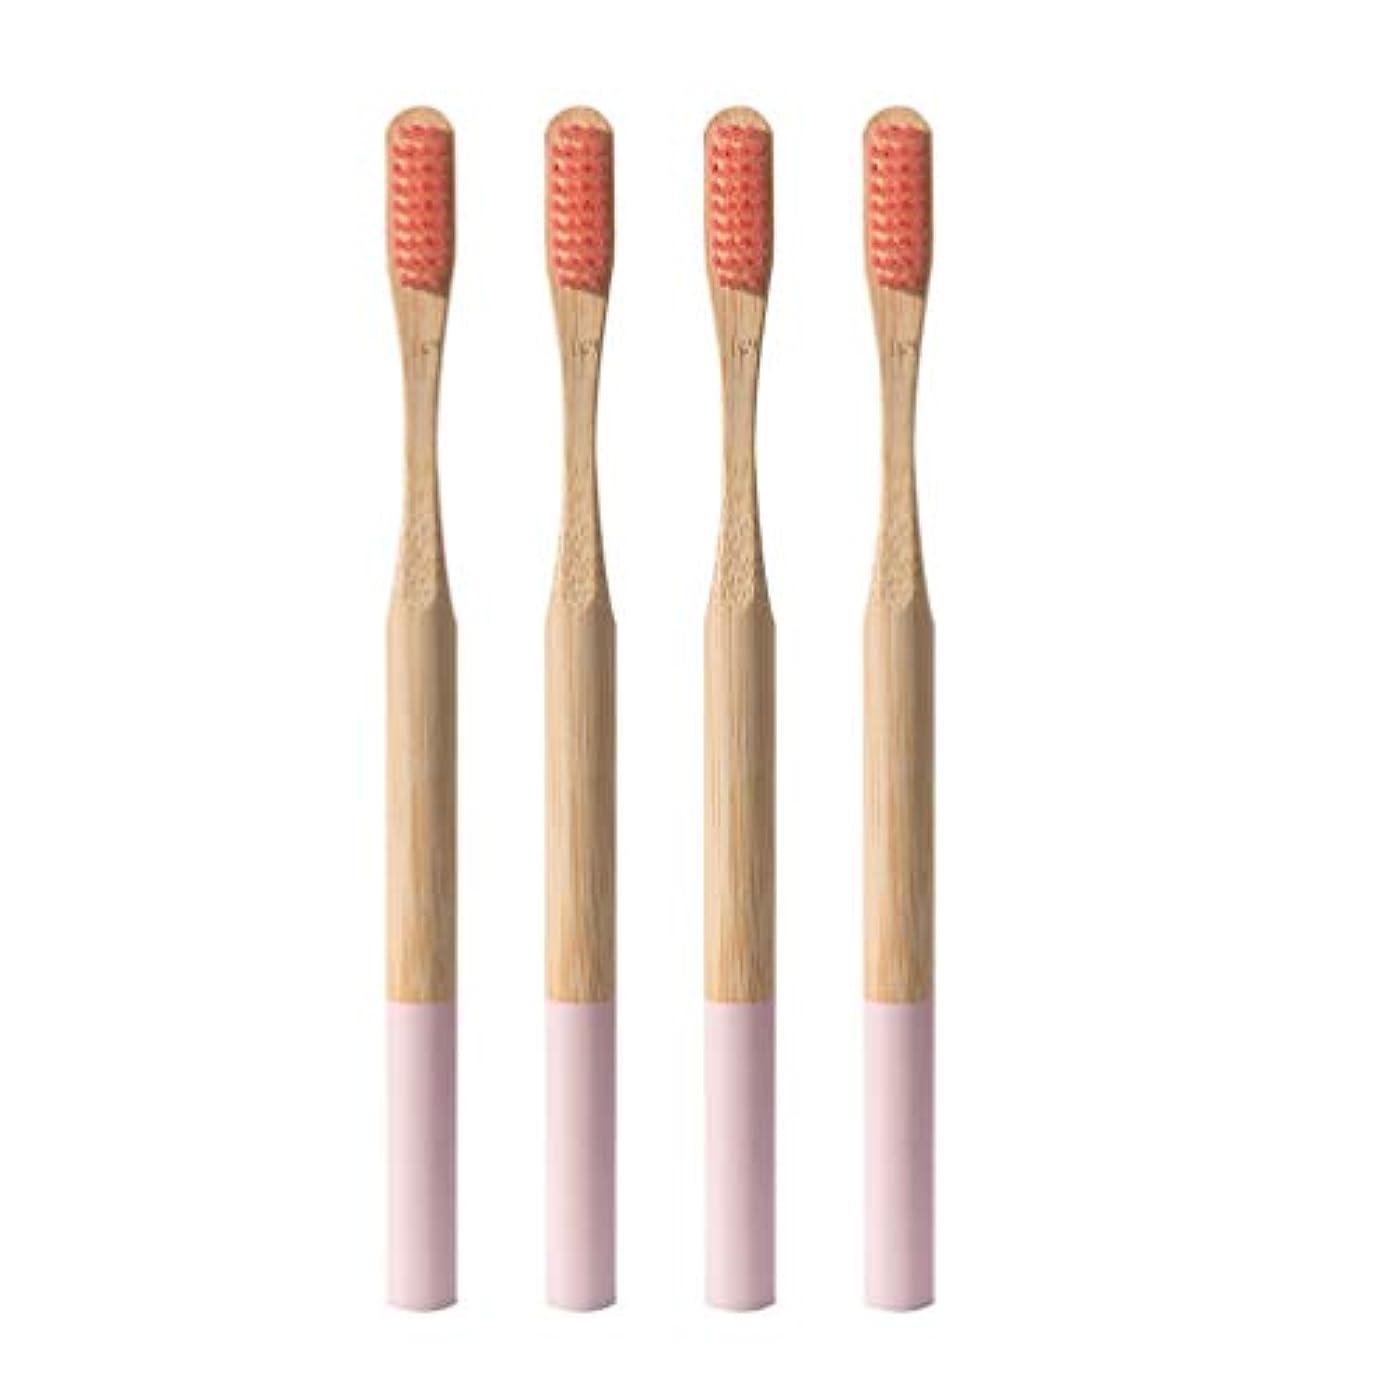 マージ平和的迫害Heallily 竹の歯ブラシ4ピースソフトブリスル歯ブラシ生分解性、環境に優しいソフト歯ブラシ、抗菌歯ブラシ、細かい毛の大人用(ピンク)